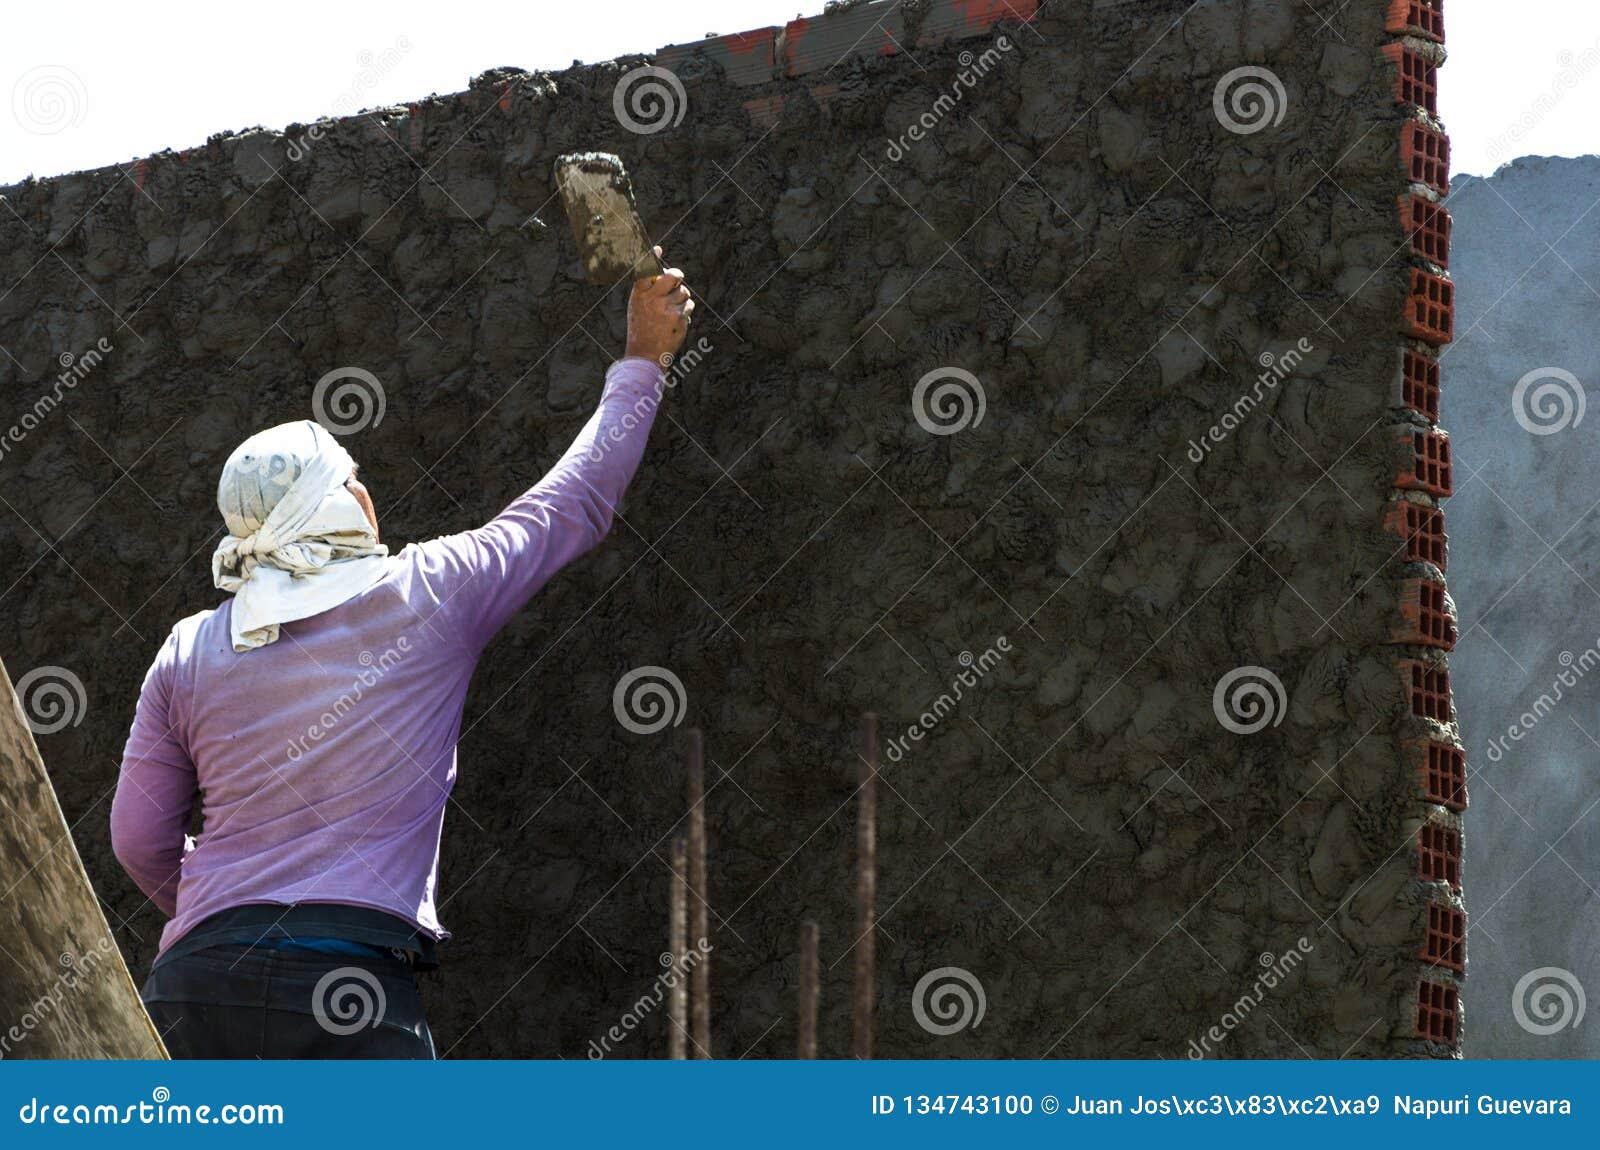 Il muratore - intonacando e lisciando muro di cemento con cemento da una cazzuola d acciaio - spatola allinea